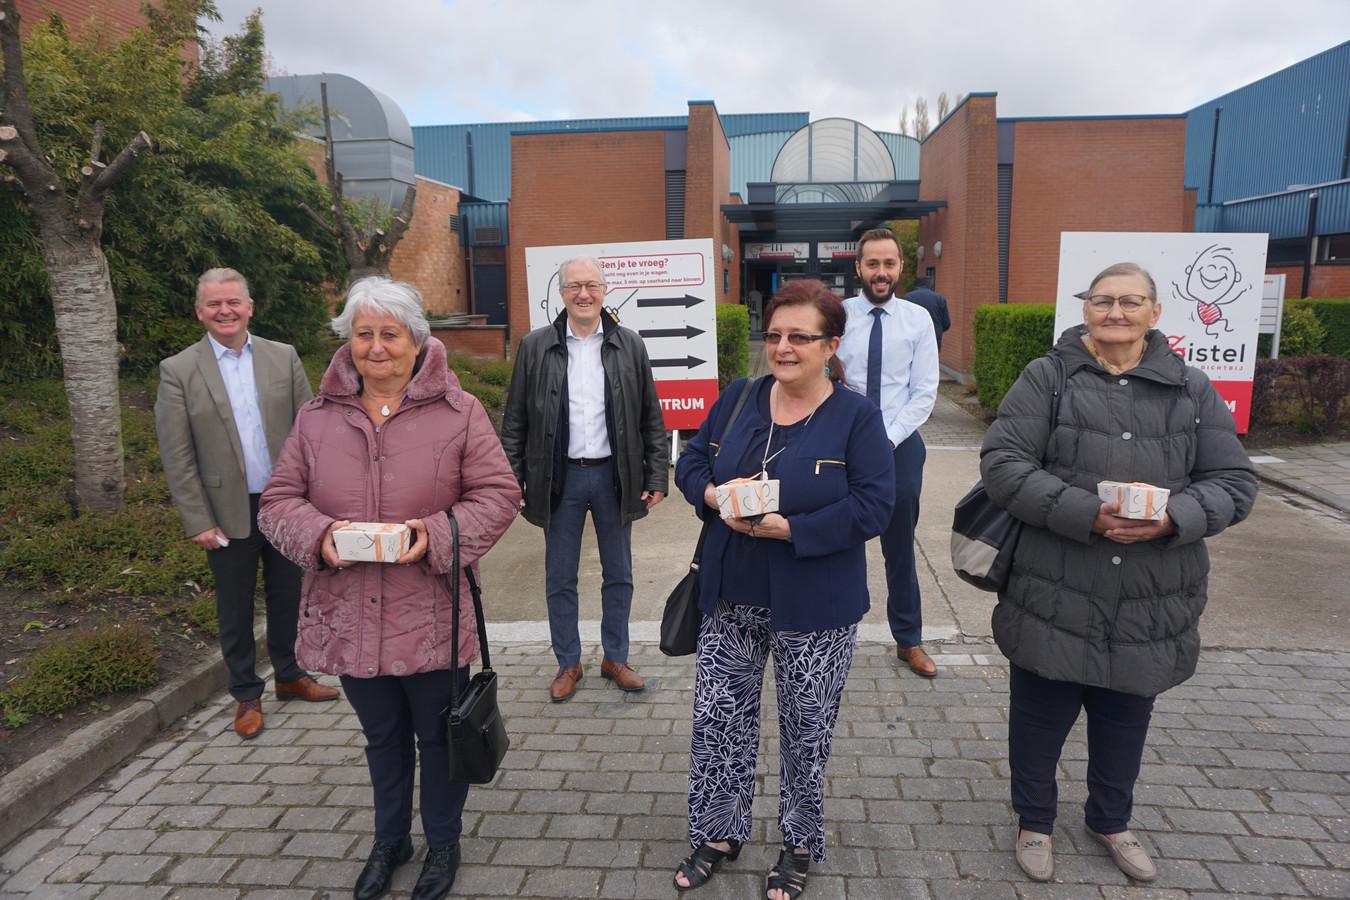 Greta Mestdagh, Leslie Van Daele en Caroline Vanhoenacker kregen het 8460ste, 8470ste en 8480ste vaccin toegediend in Zomerloos in Gistel. Burgemeesters Dumarey, Bekaert en Defreyne overhandigden hen een fijne attentie.